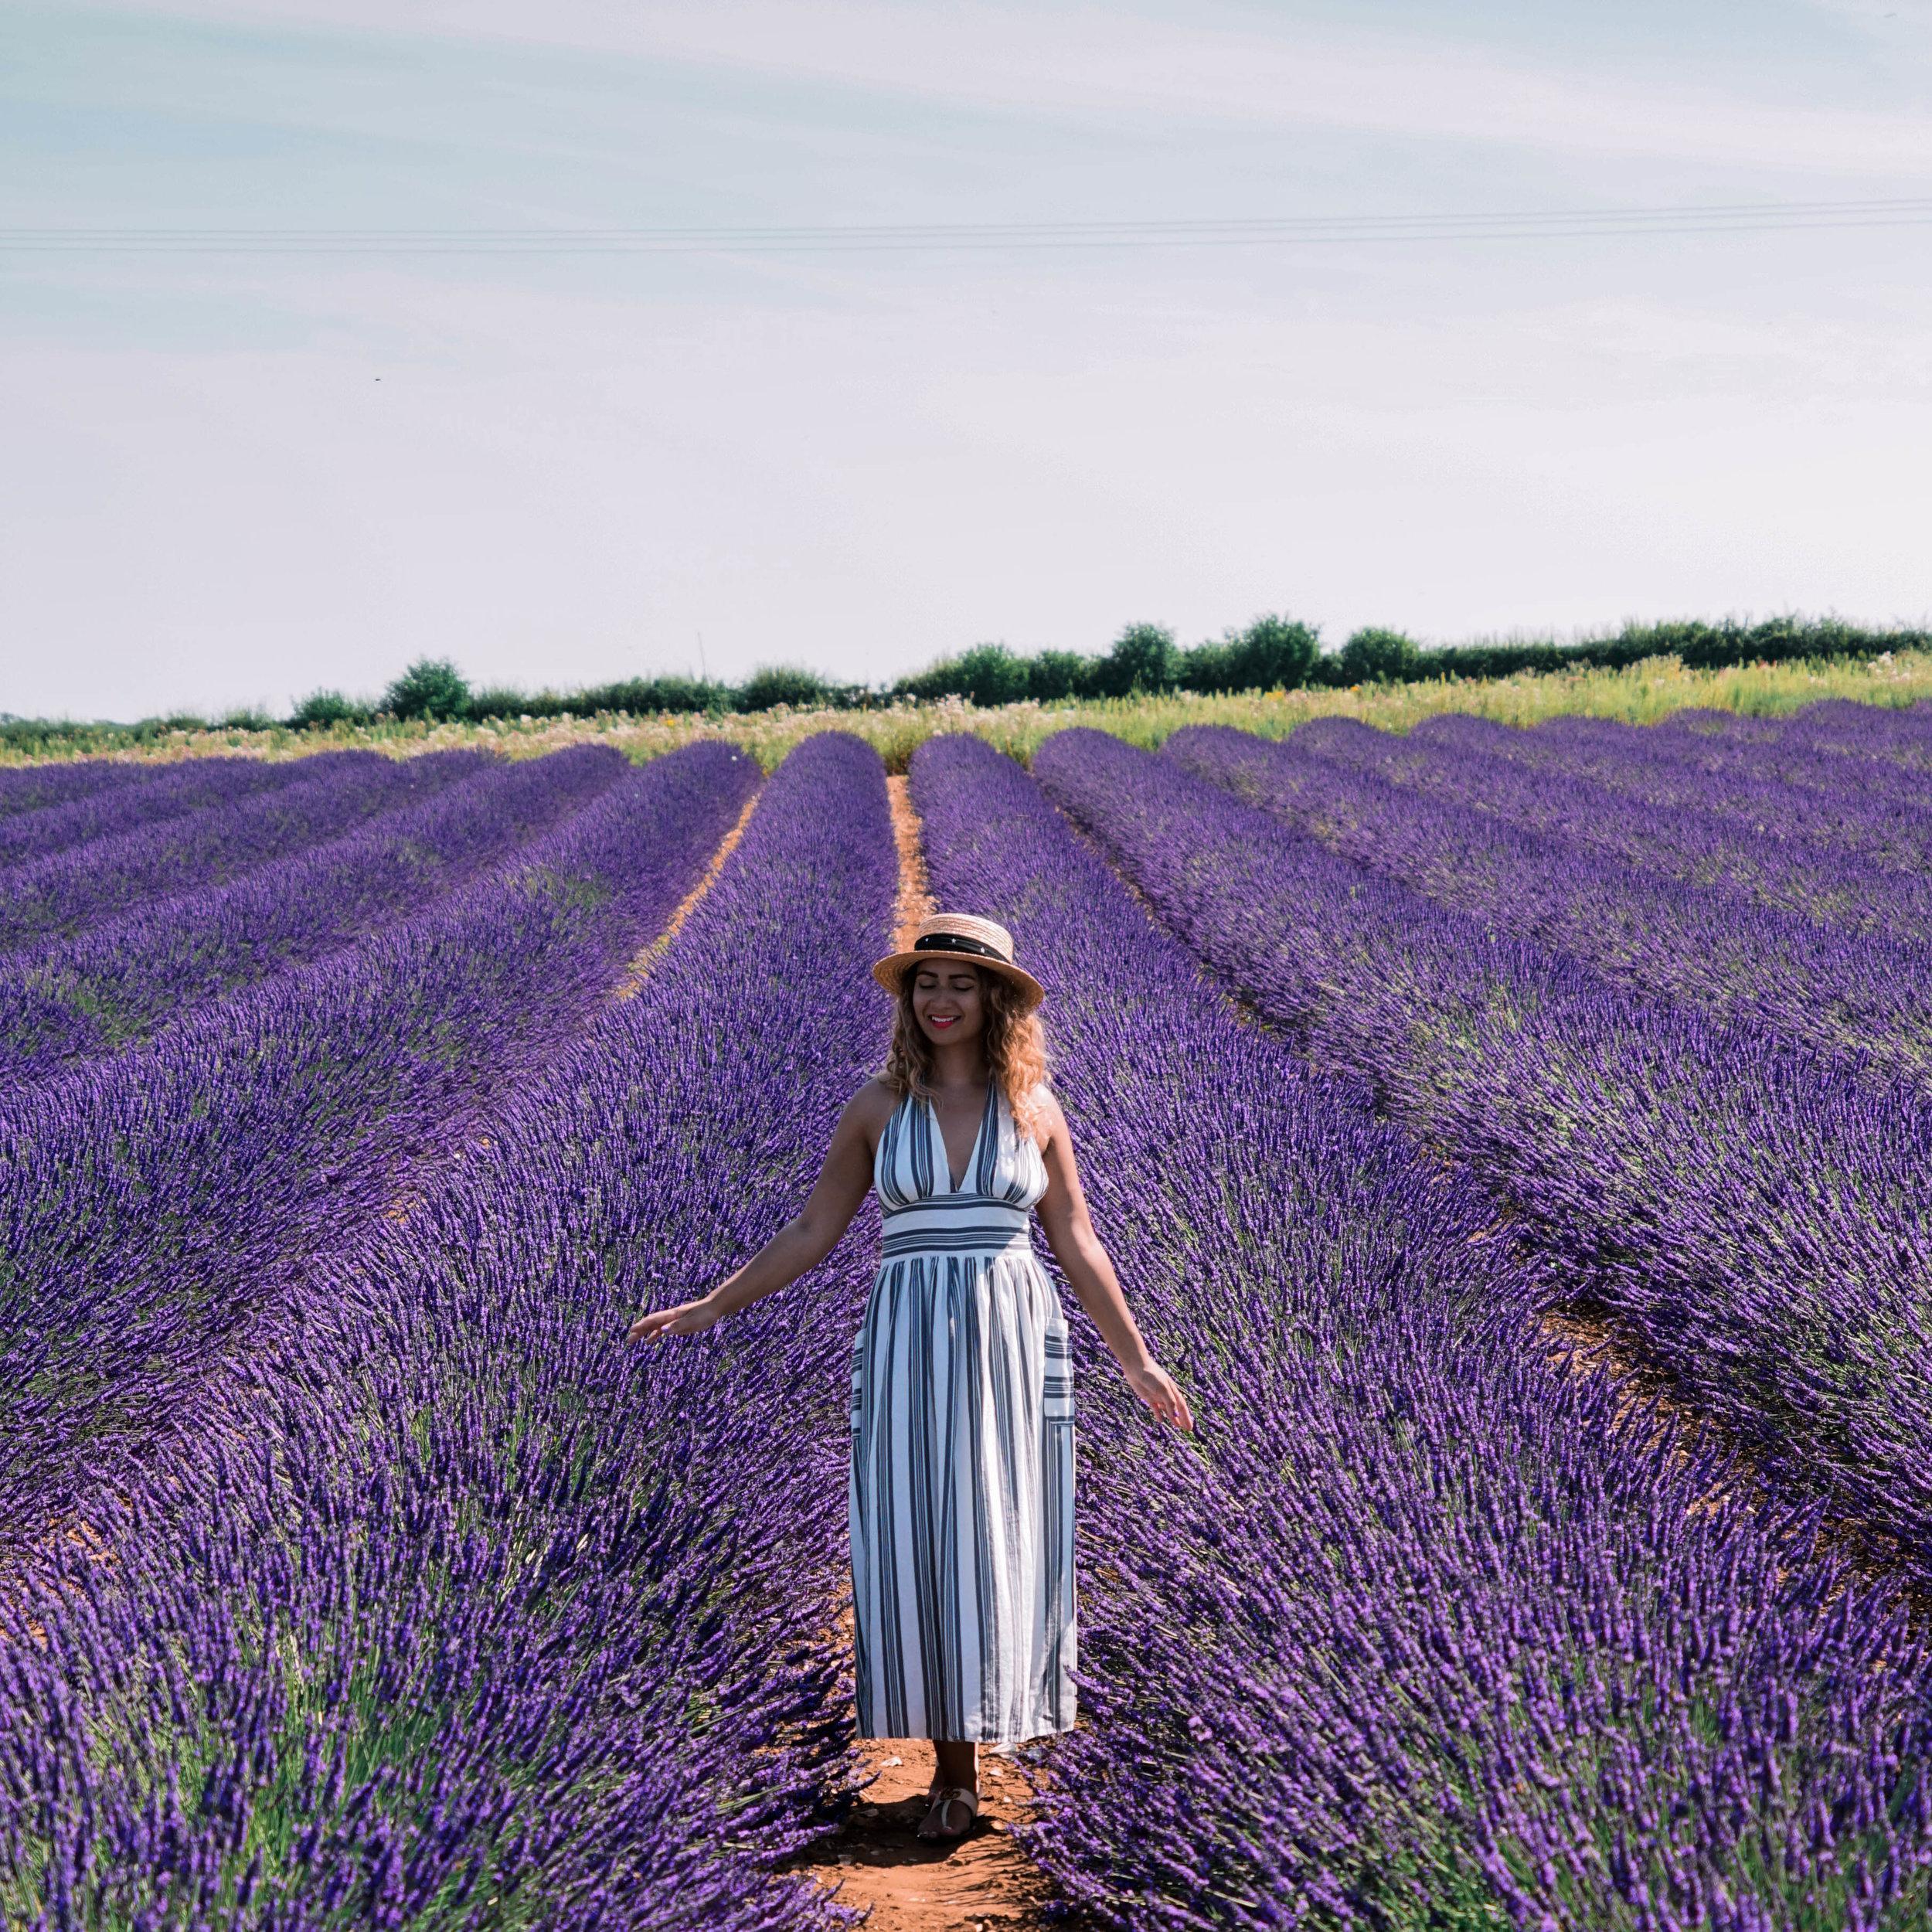 200124_PFH_Social_Instagram_Posts-Lavender-04.jpg